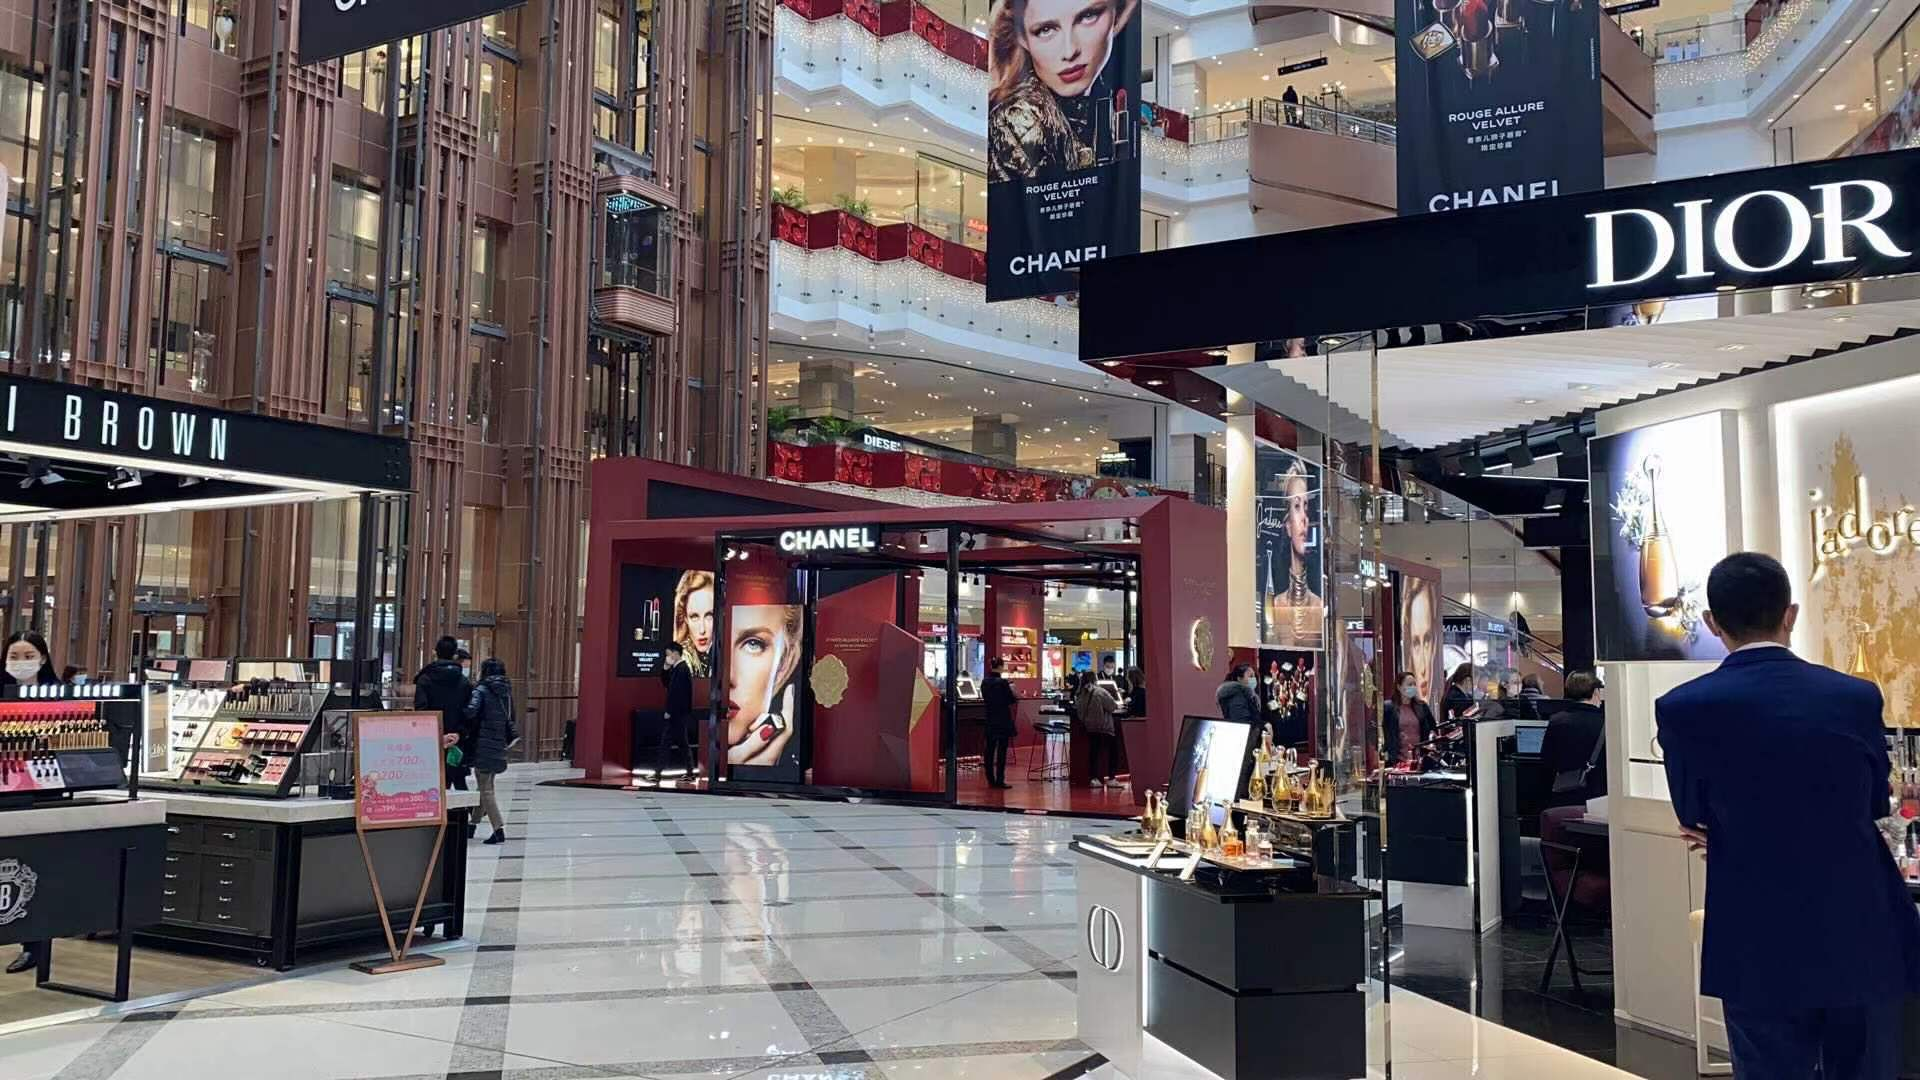 妇女节在沪用数字人民币购物有折扣:谁能申请,哪些商场可用|数字人民币_新浪财经_新浪网